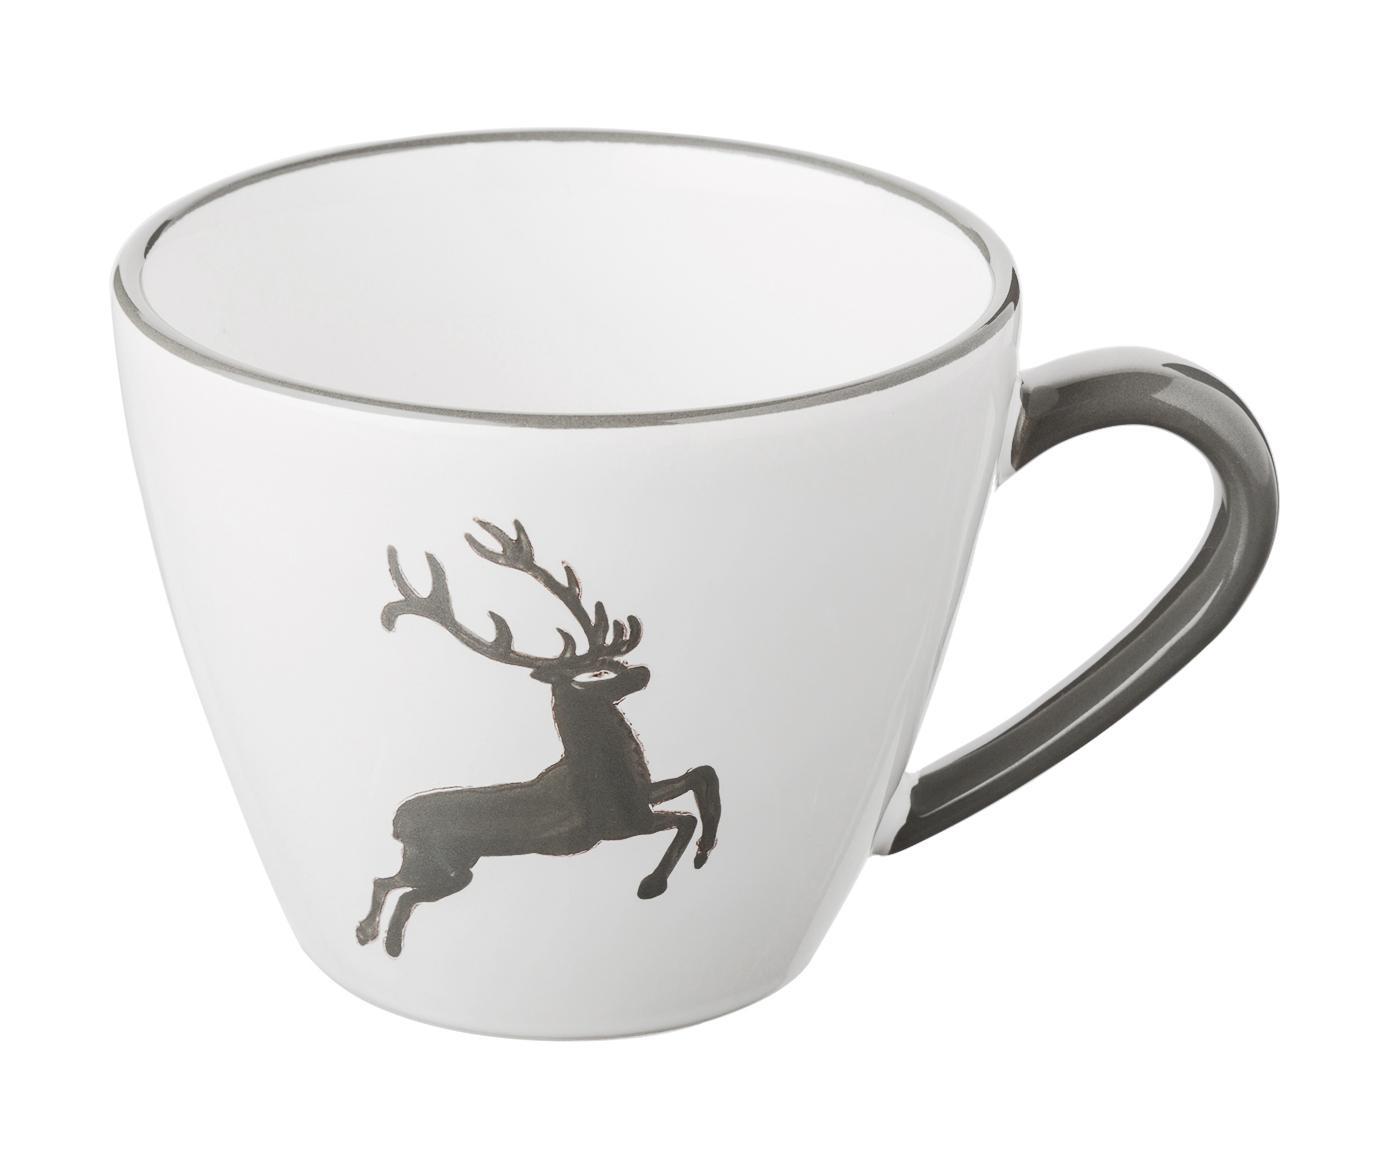 Kaffeetasse Gourmet Grauer Hirsch, Keramik, Grau,Weiß, 200 ml